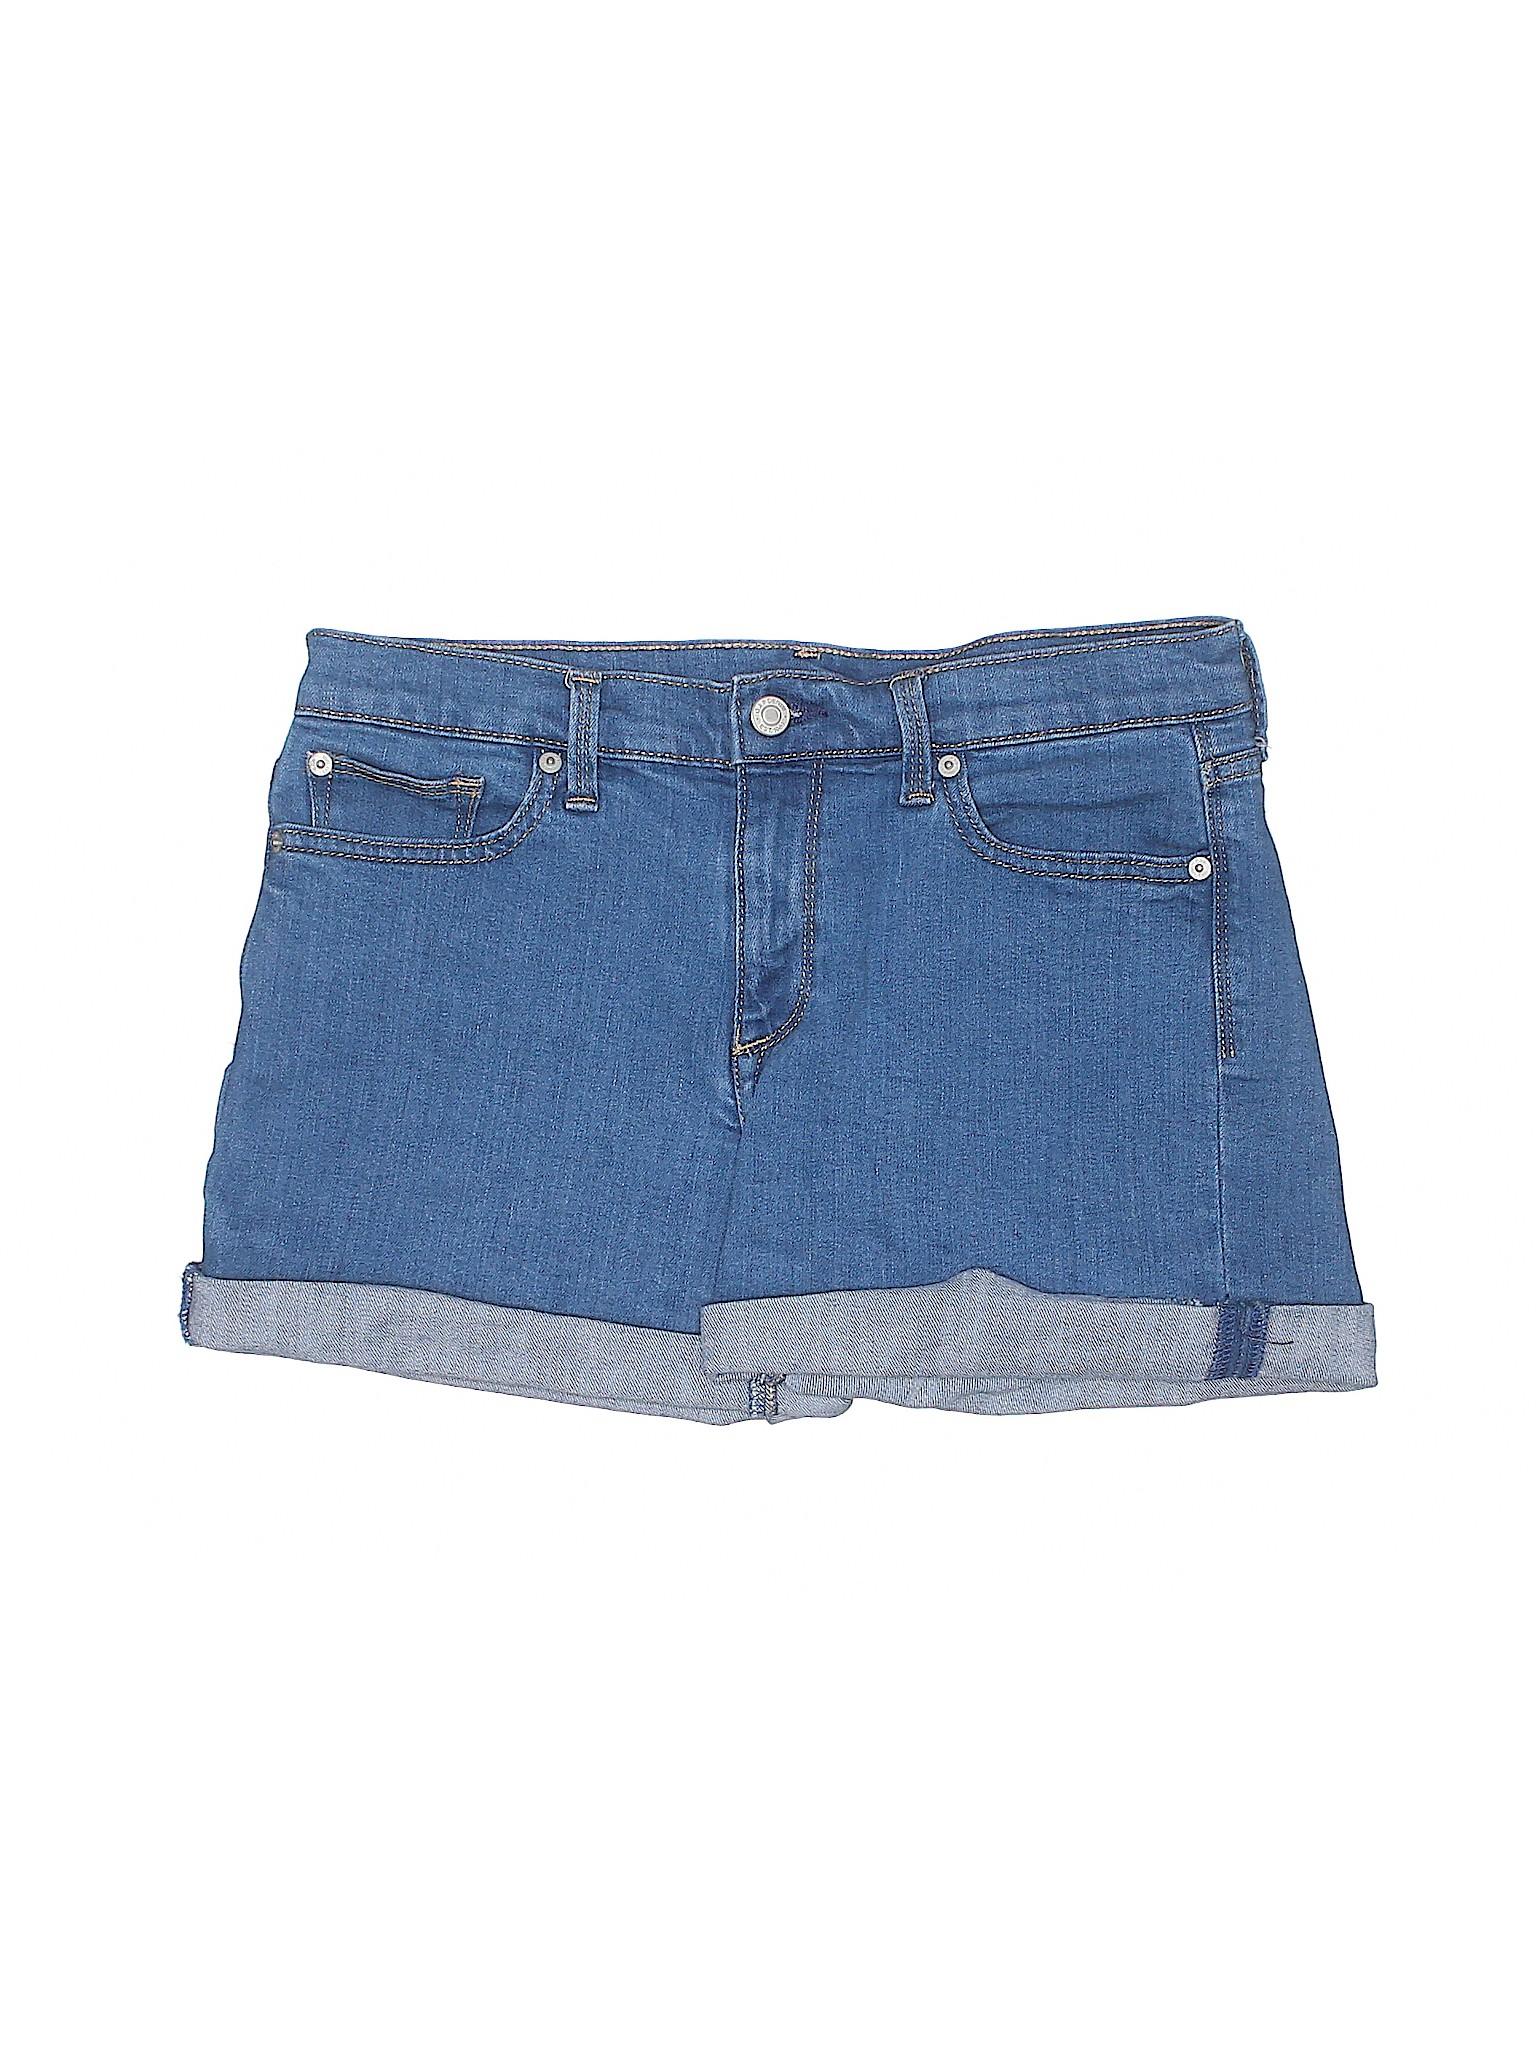 Gap Gap Shorts Boutique Denim Shorts Boutique Boutique Denim qtnzXX